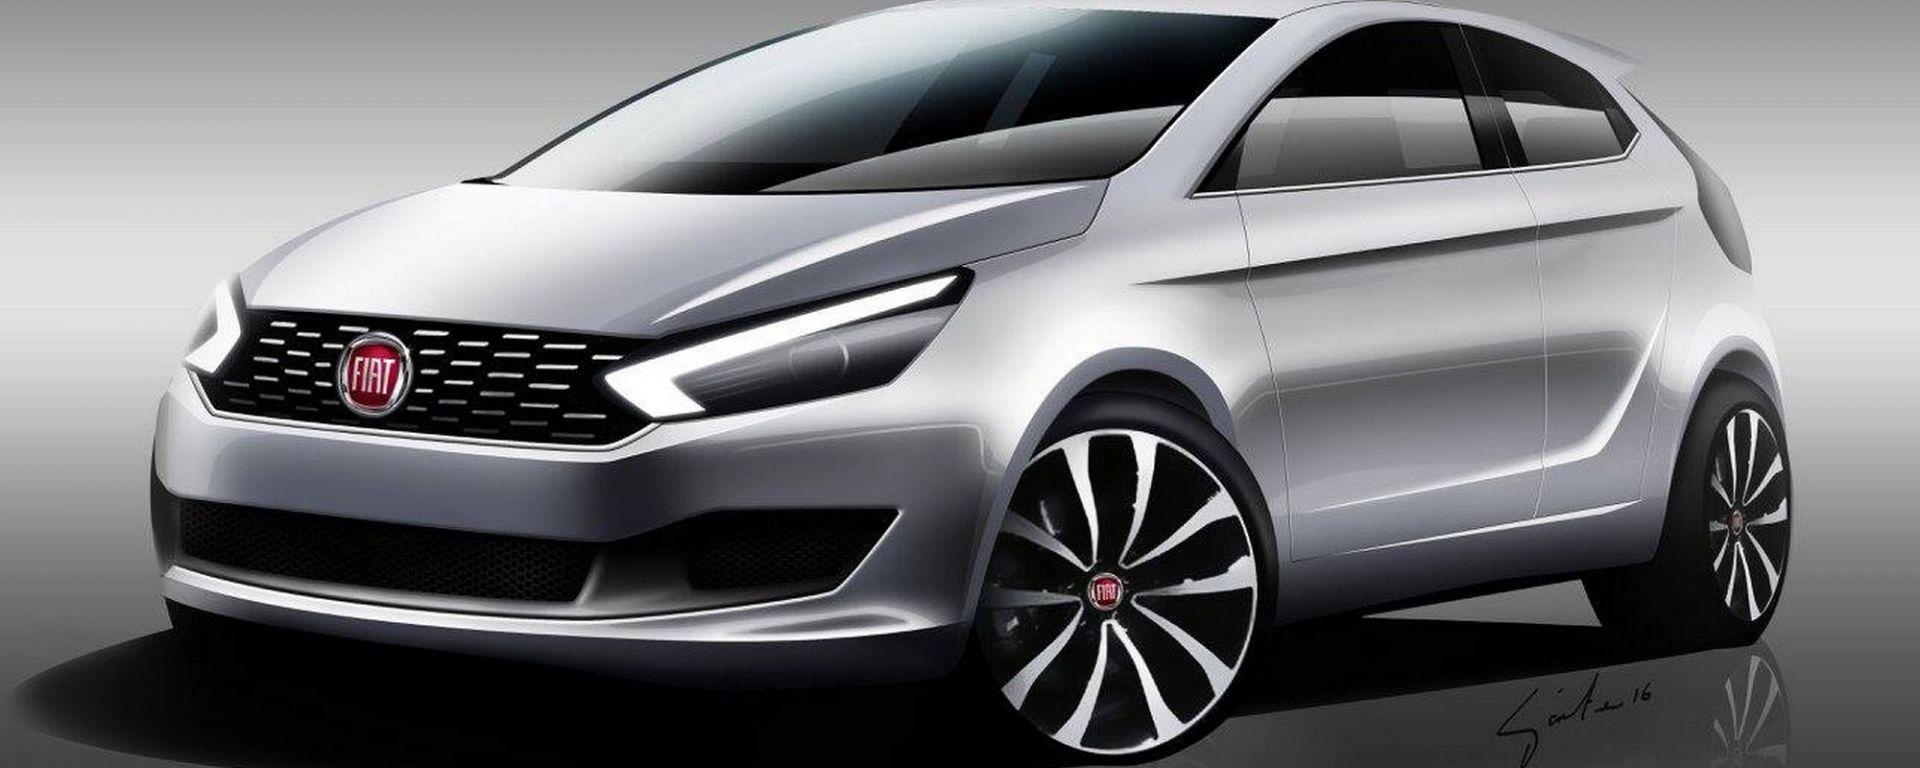 Nuova Fiat Punto 2019 Foto Caratteristiche Prezzi Data Di Uscita